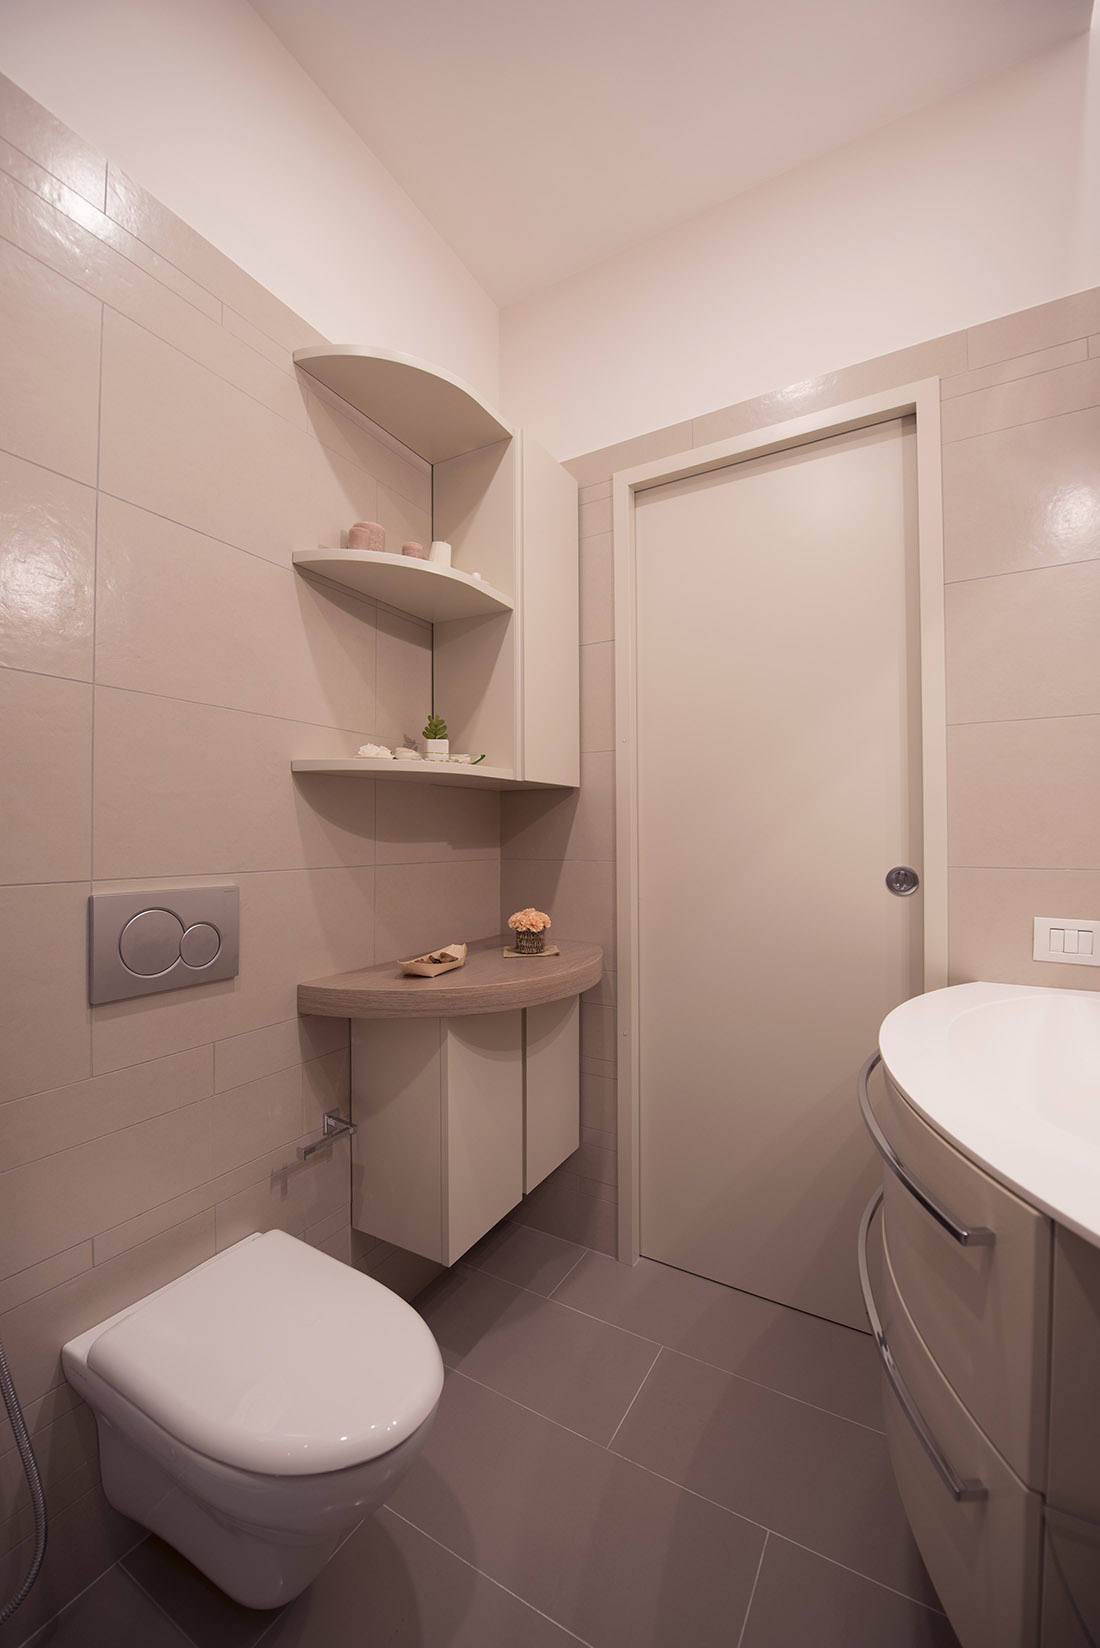 appartamento-otta2-bagno-ospiti-dettaglio-mobiletto-realizzazione-napoli-pucciarelli-architetti